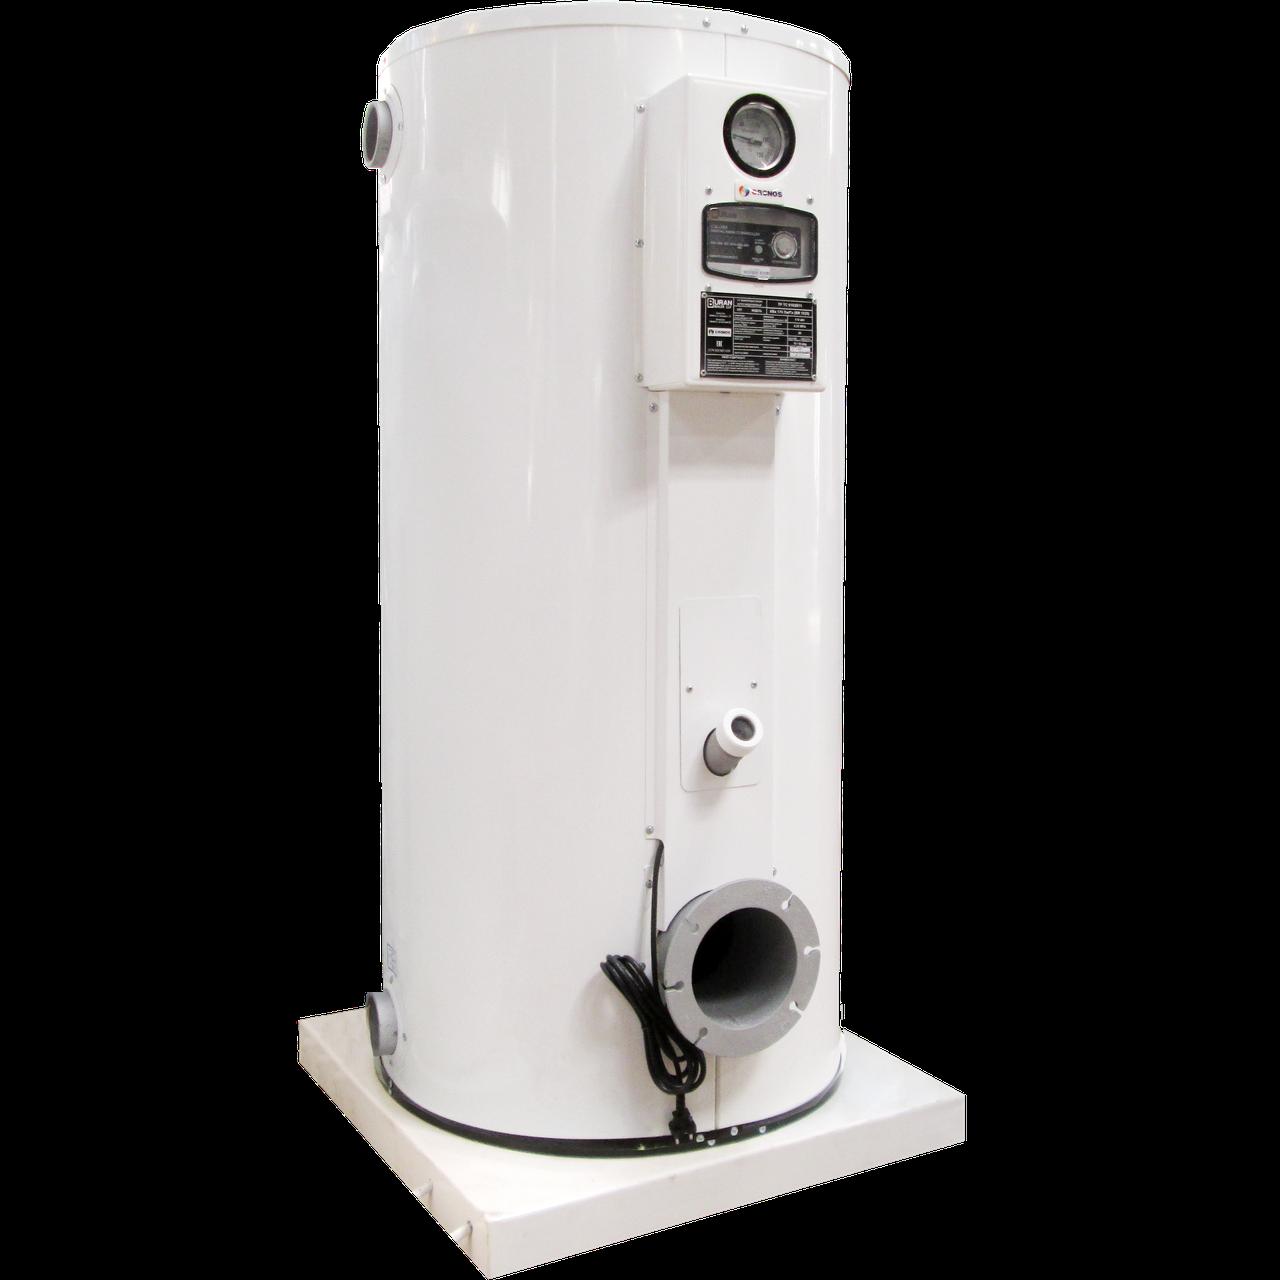 Котёл газовый Cronos BB-1535 (174кВт) для отопления и ГВС